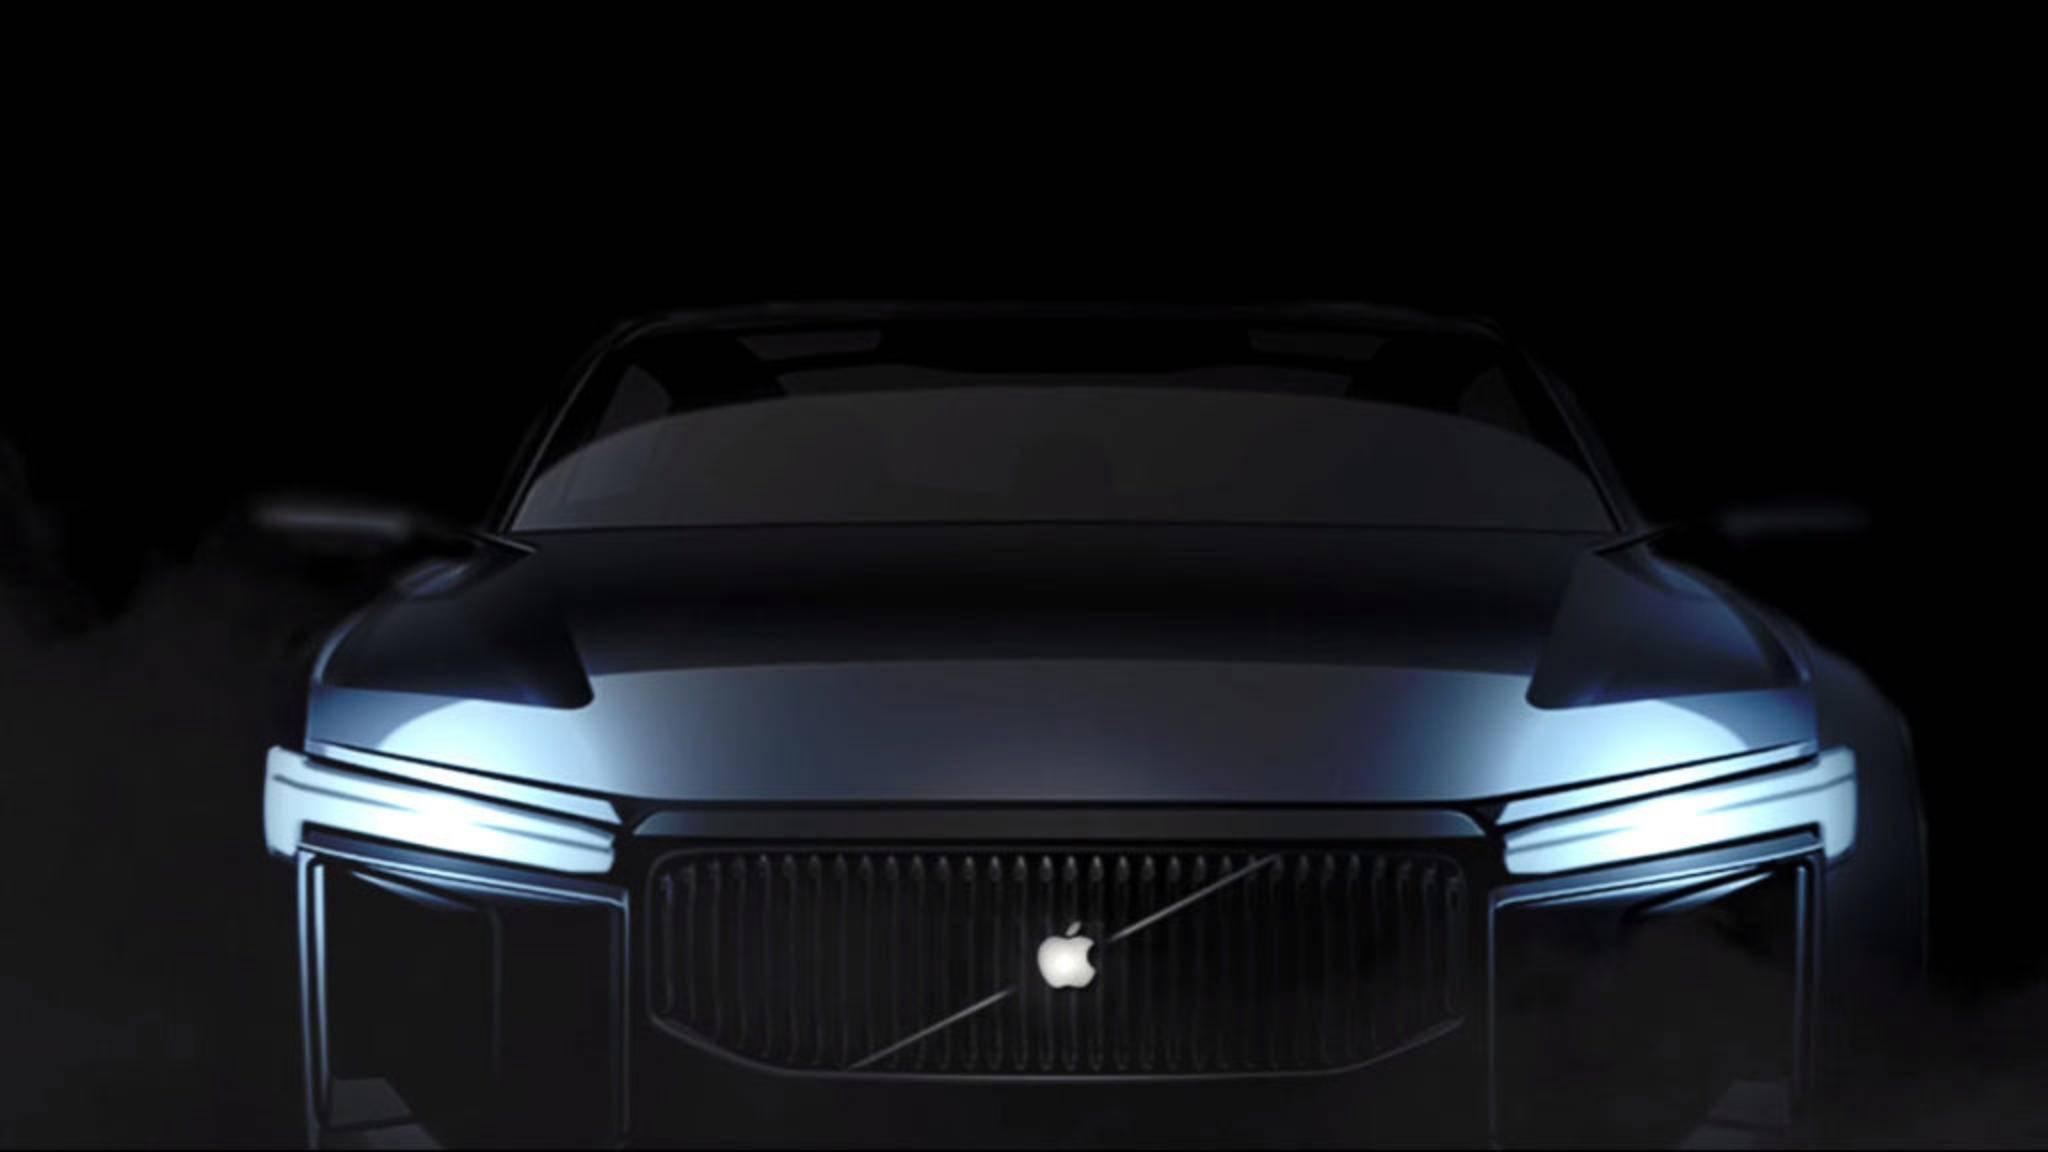 Kommt das Apple Car? Apple schwärmt von der Technik autonom fahrender Autos.